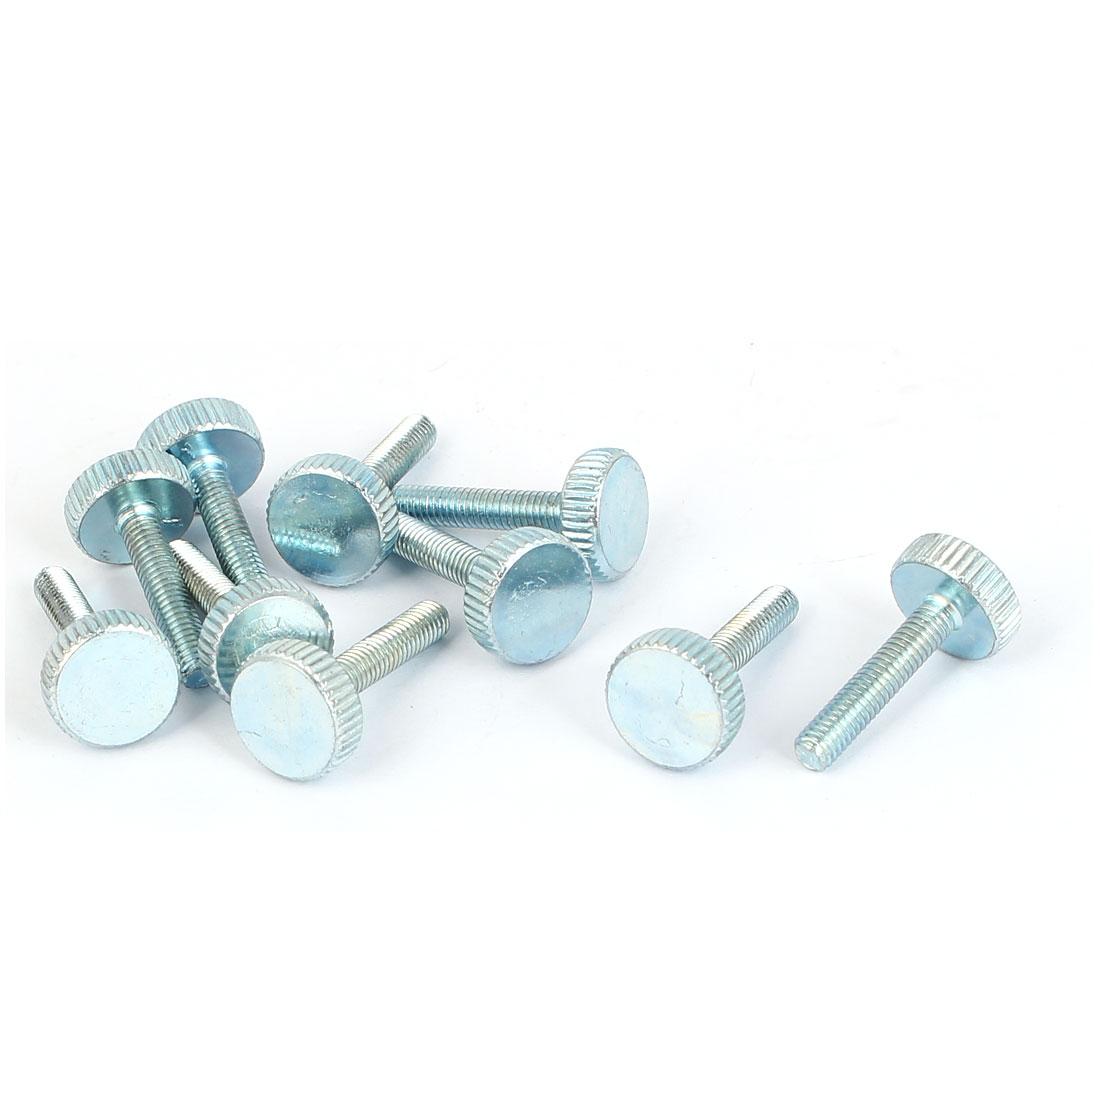 M4x20mm Thread Carbon Steel Knurled Round Head Thumb Screws Silver Blue 10pcs